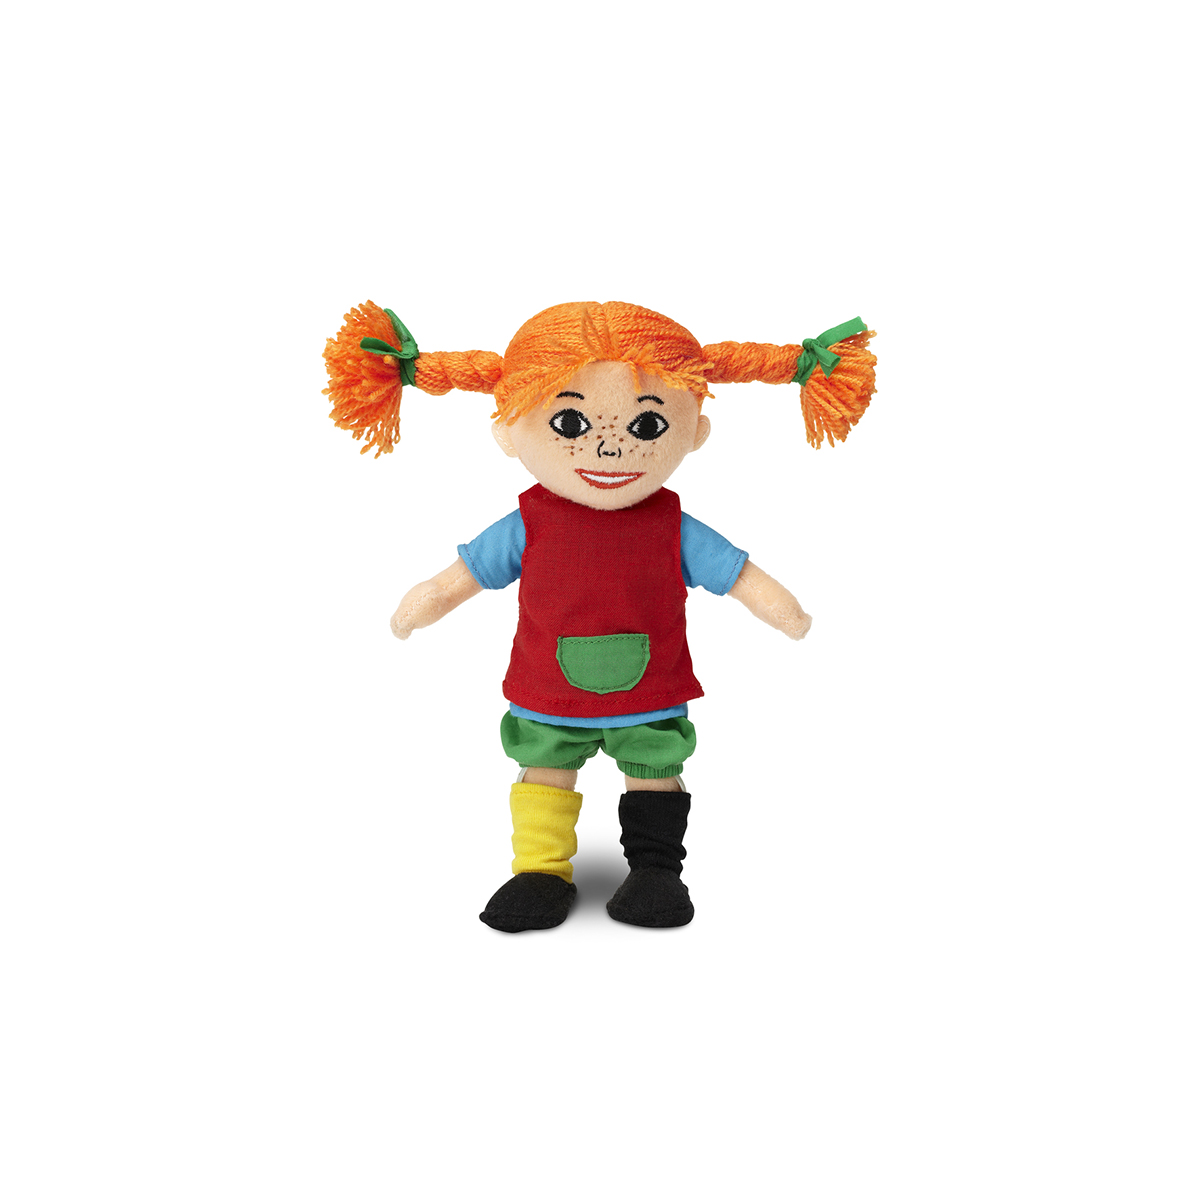 Кукла мягконабивная - Пеппи Длинный чулок, 20 см фото